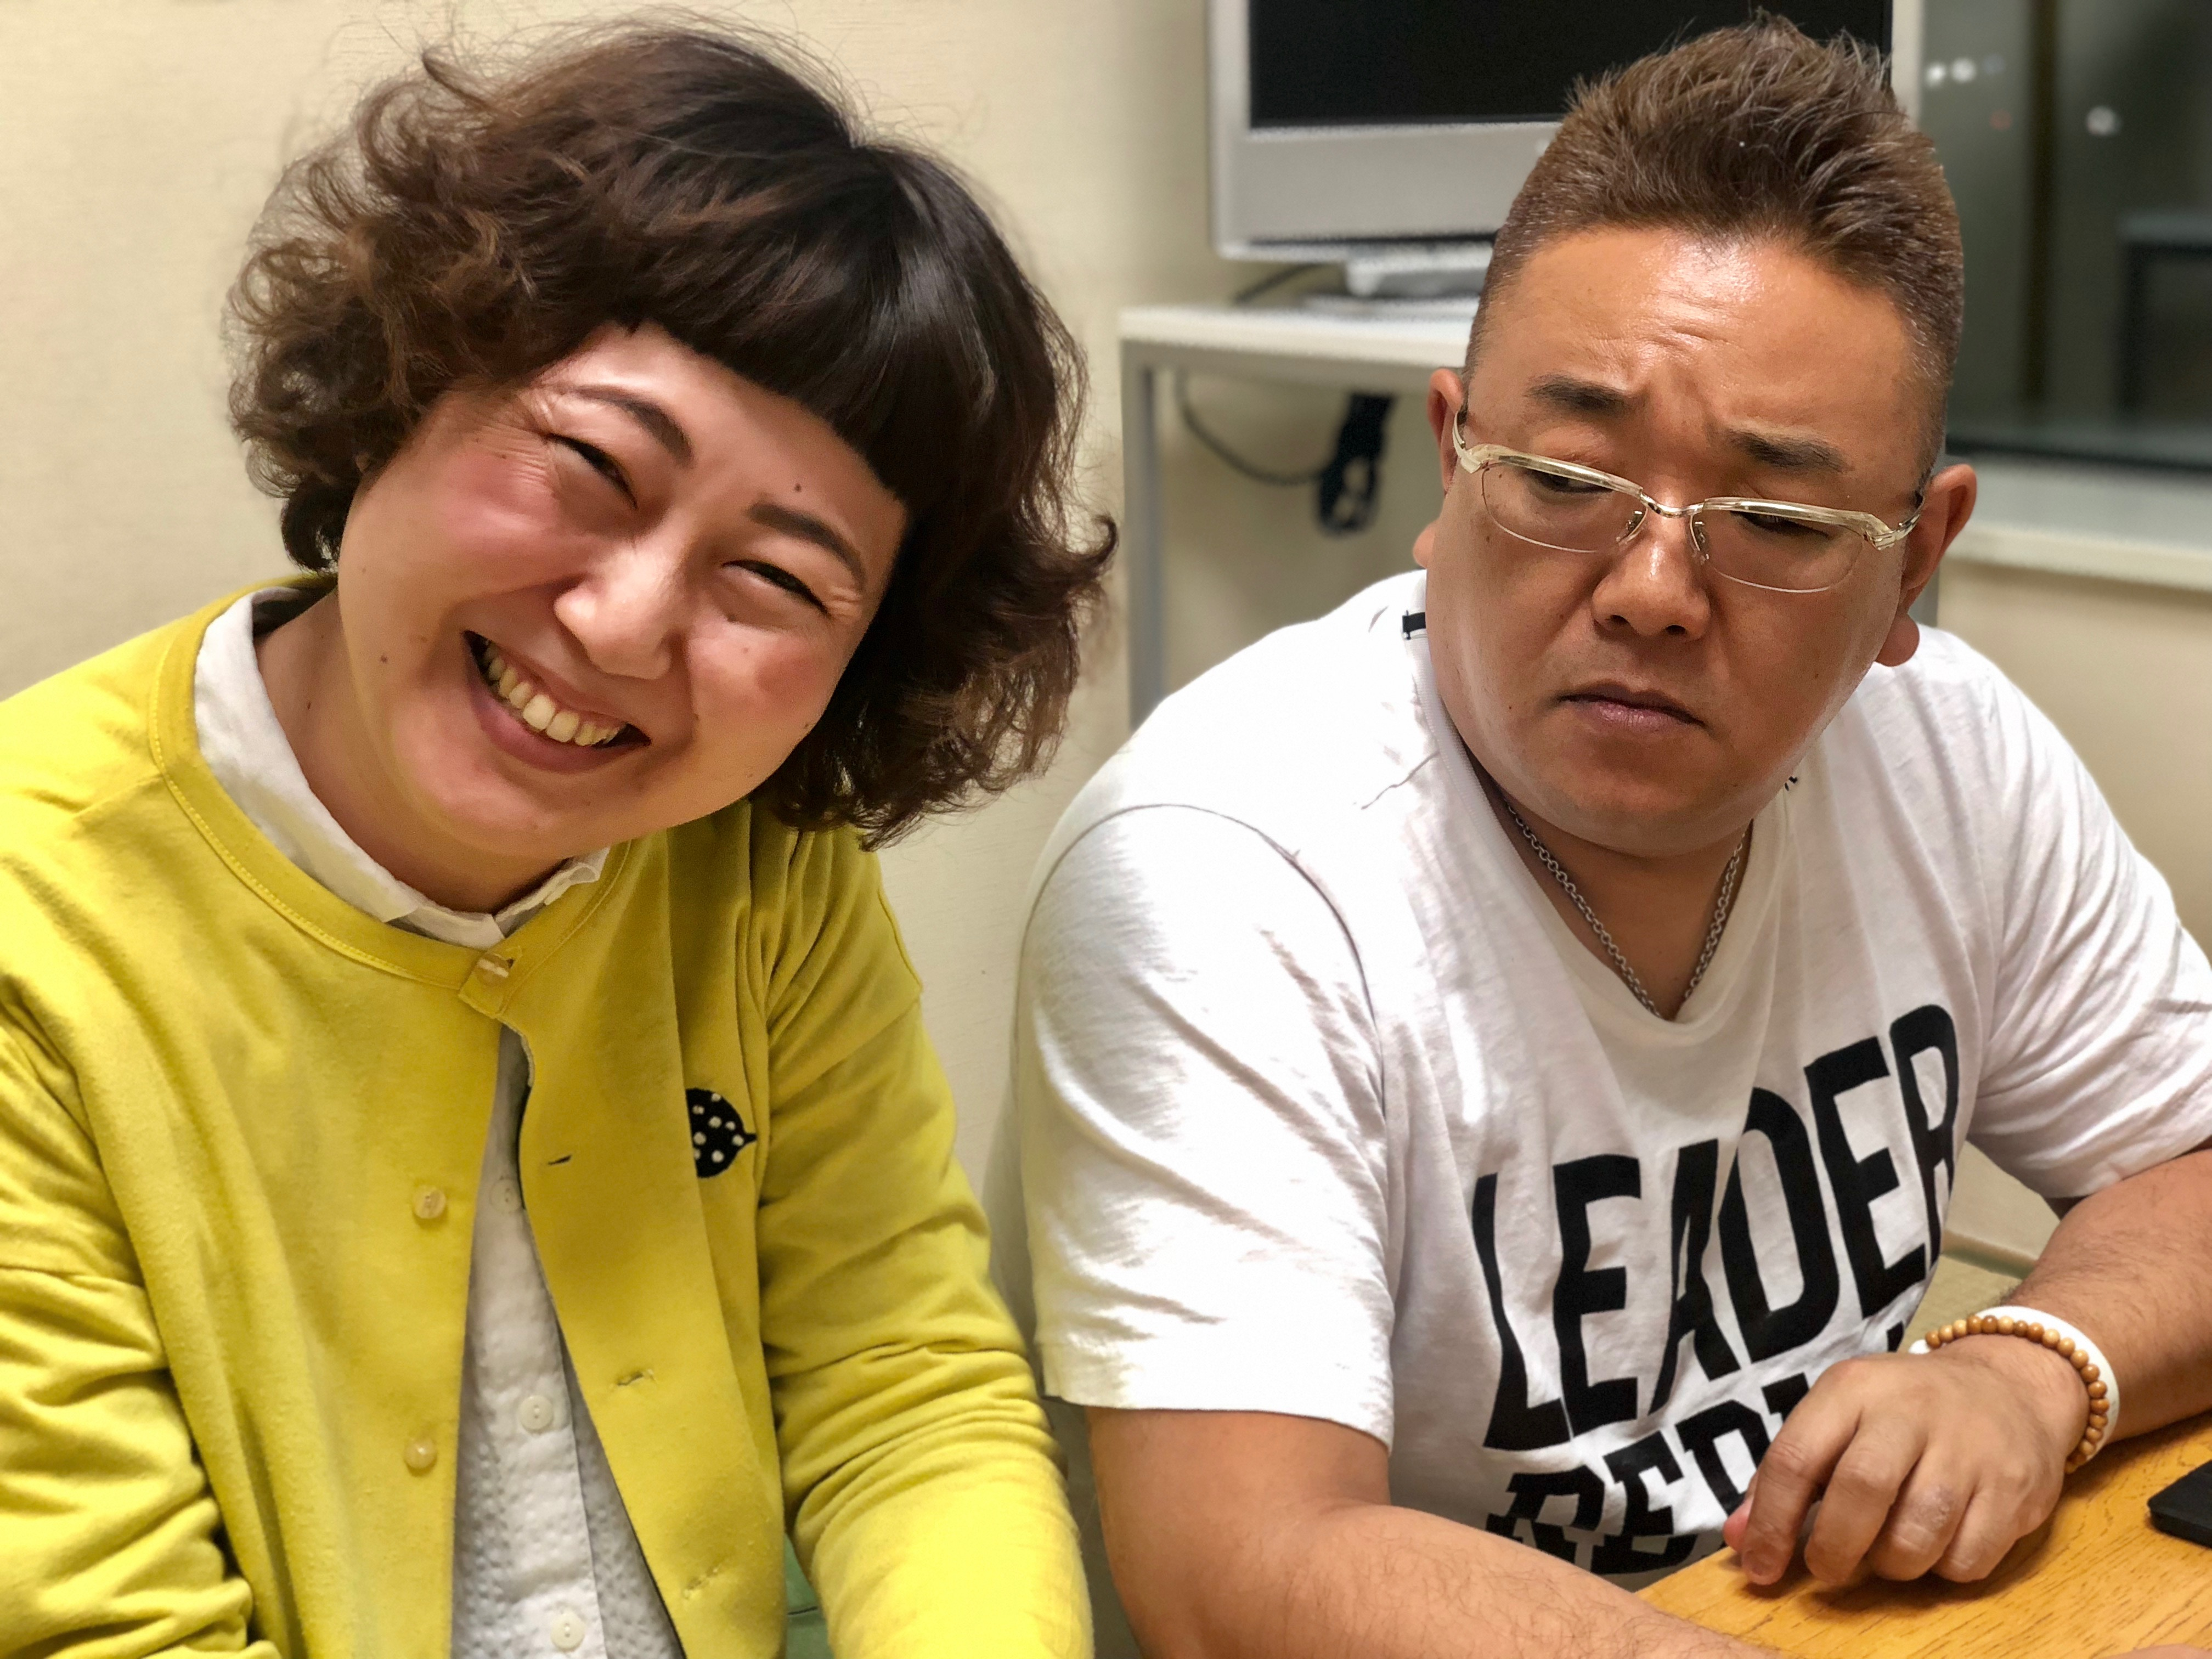 あぁ~しらき☆ | サンドウィッチマン 伊達みきおオフィシャルブログ ...